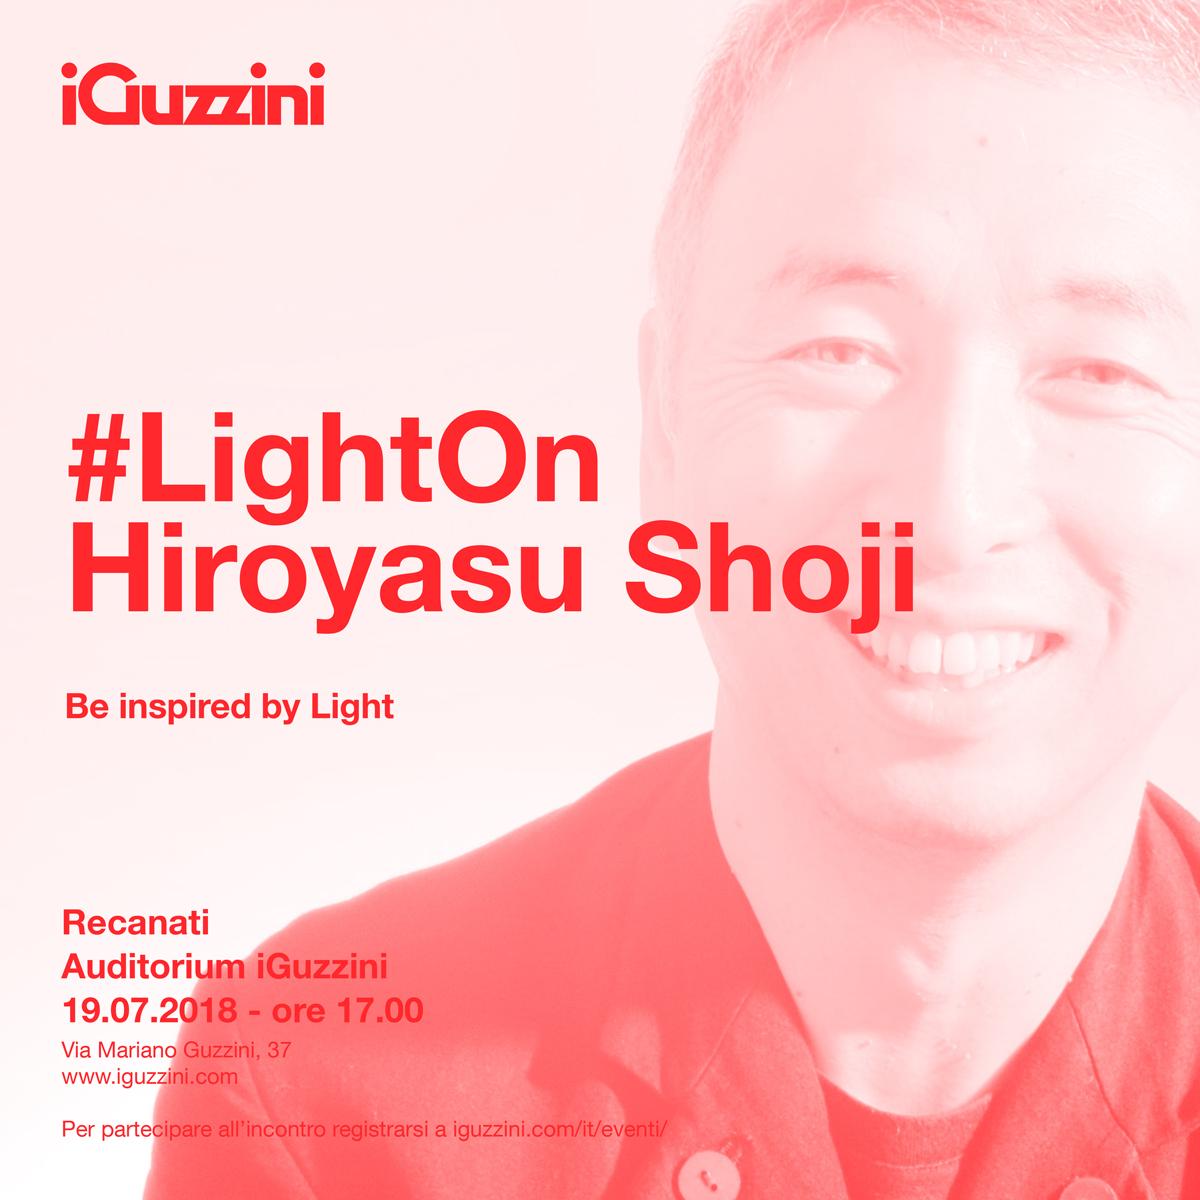 #LightOn Shoji Hiroyasu